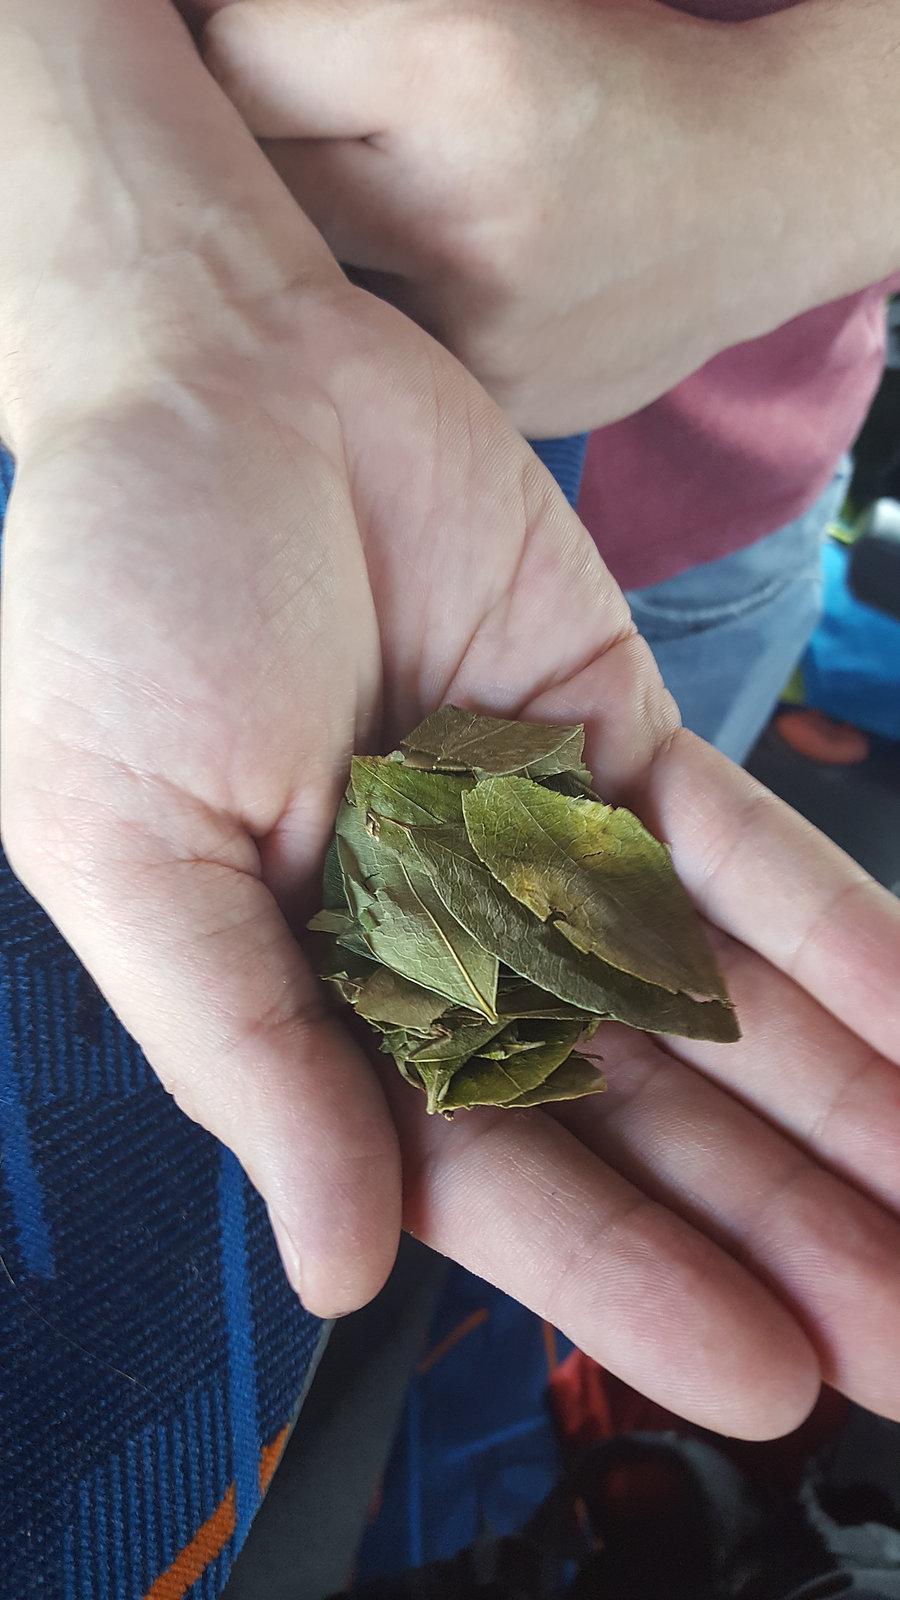 La feuille de coca agit comme stimulant. Elle favorise l'ouverture des voies respiratoires et apaise l'impression d'asphyxie du mal des montagnes. La consommation de coca remonte aux premières sociétés andines. Les Incas à partir du XIIIème siècle en ont fait une plante sacrée. L'art de mâcher les feuilles : on en fait d'abord une petite chique que l'on met dans la bouche, entre la joue et la gencive ; c'est le liquide extrait de cette chique qui, avalé, transmet ses vertus. Au XIXème siècle, le chimiste Albert Niemann a su extraire des feuilles une substance active qu'il nomma « cocaïne ».